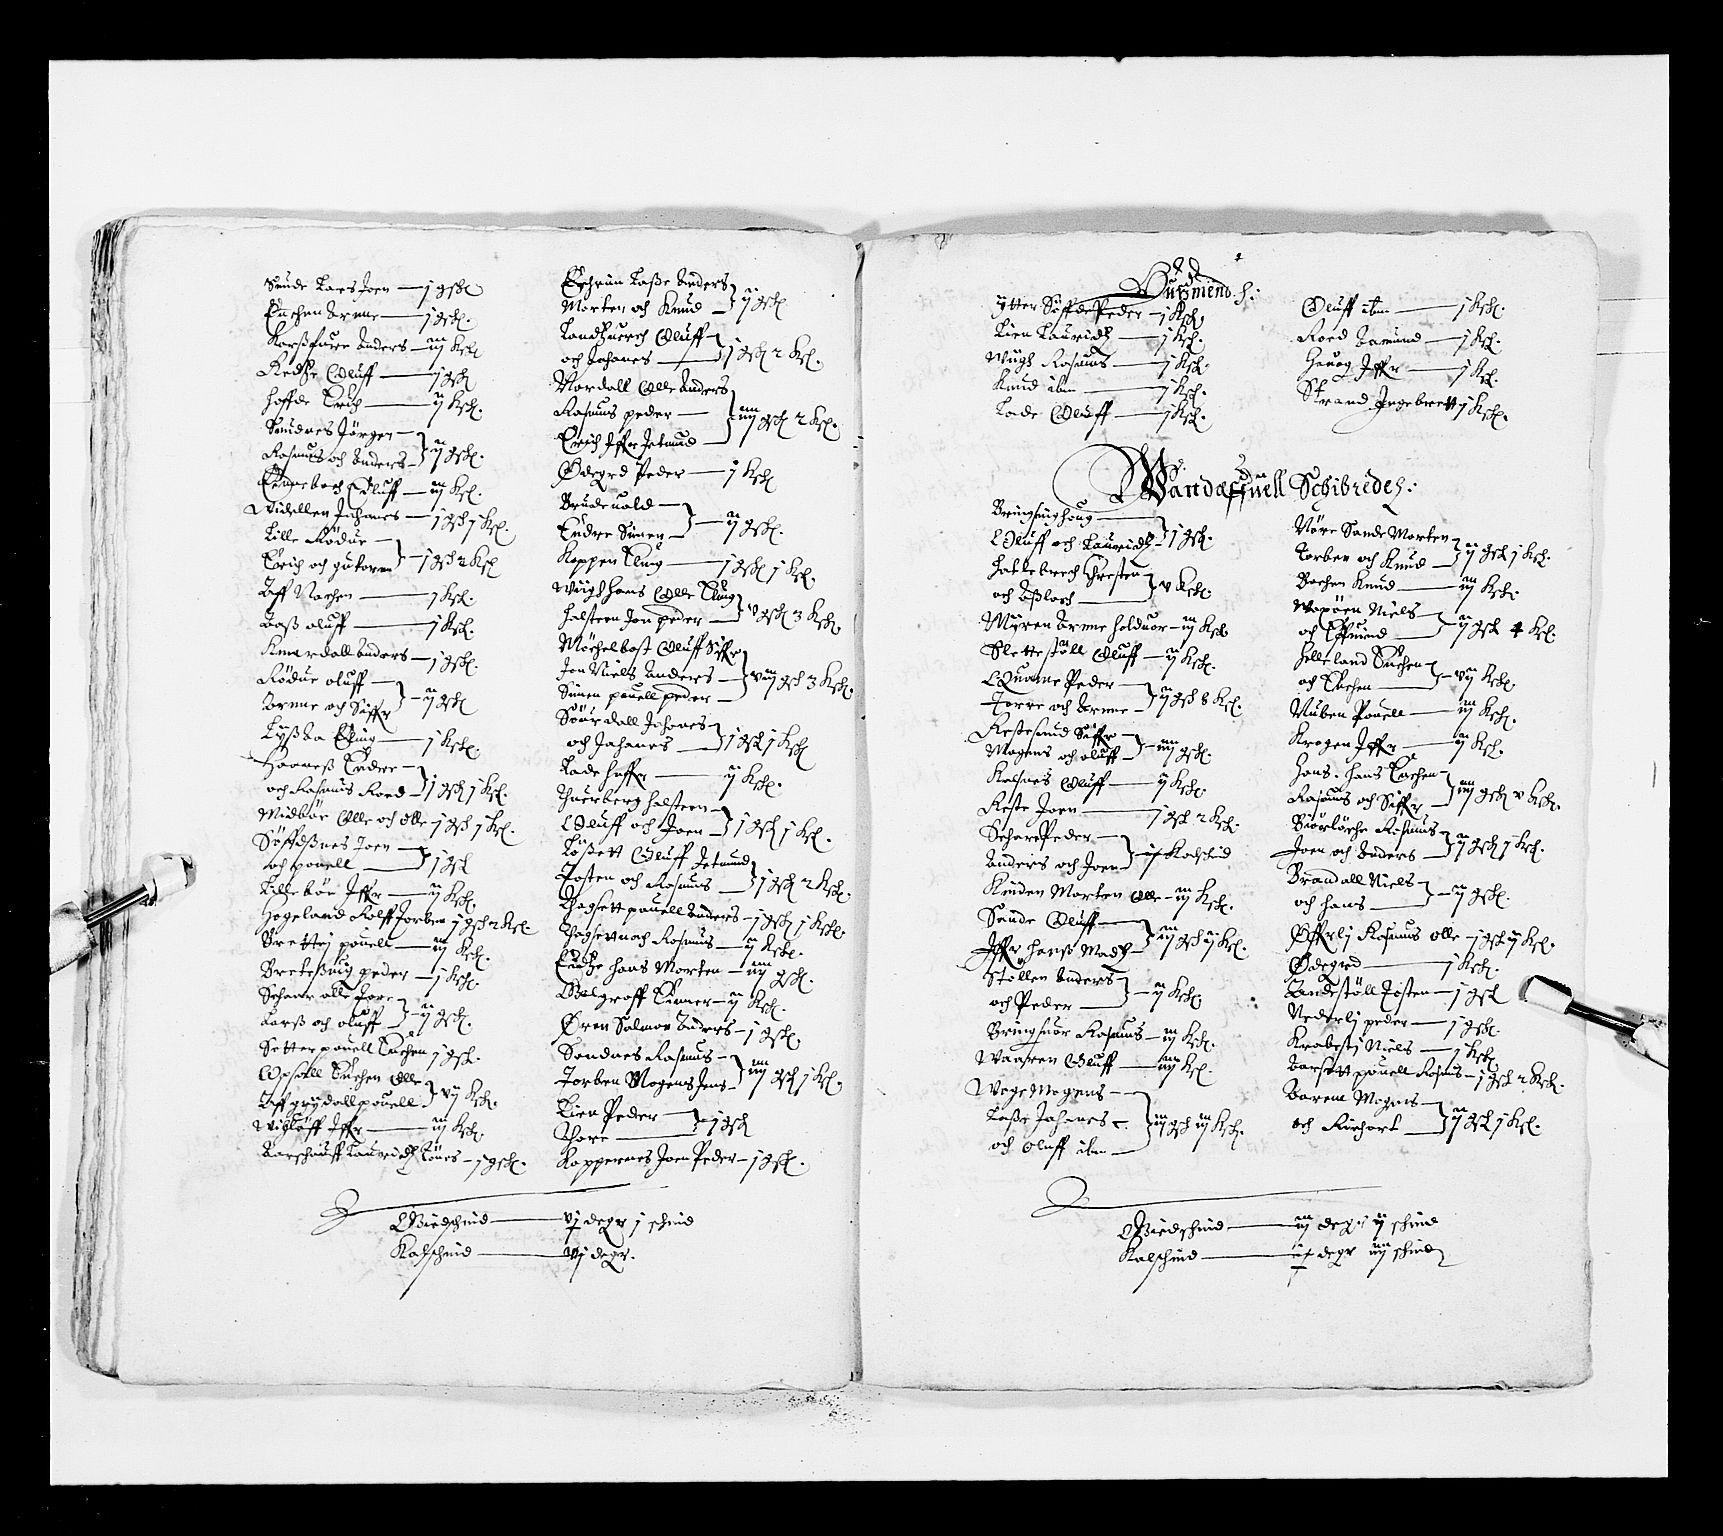 RA, Stattholderembetet 1572-1771, Ek/L0025: Jordebøker 1633-1658:, 1645-1646, s. 257